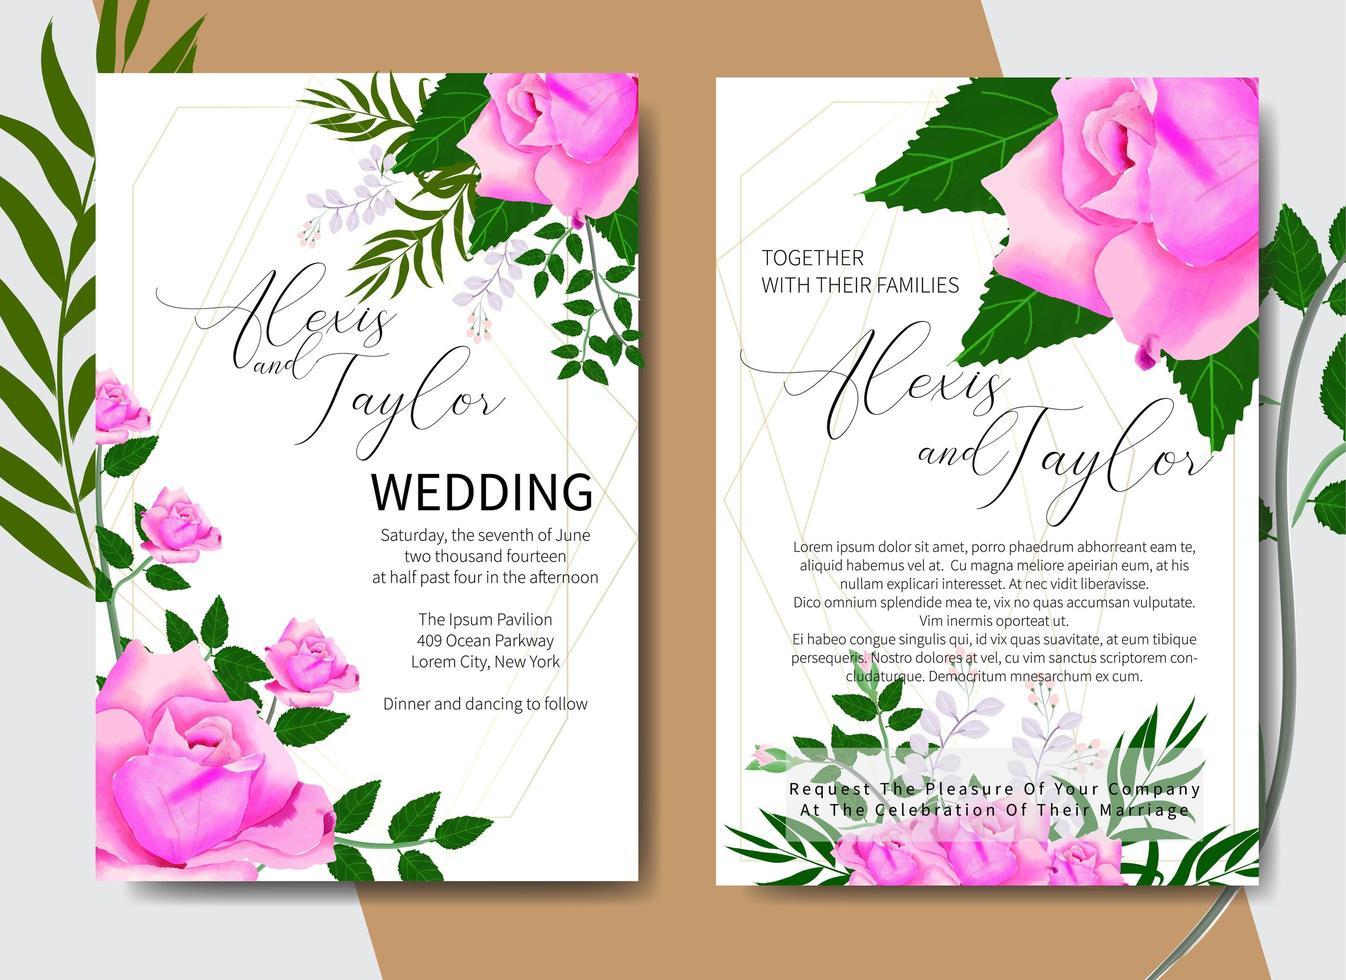 Tarjeta de invitación de boda acuarela con rosas en las esquinas vector